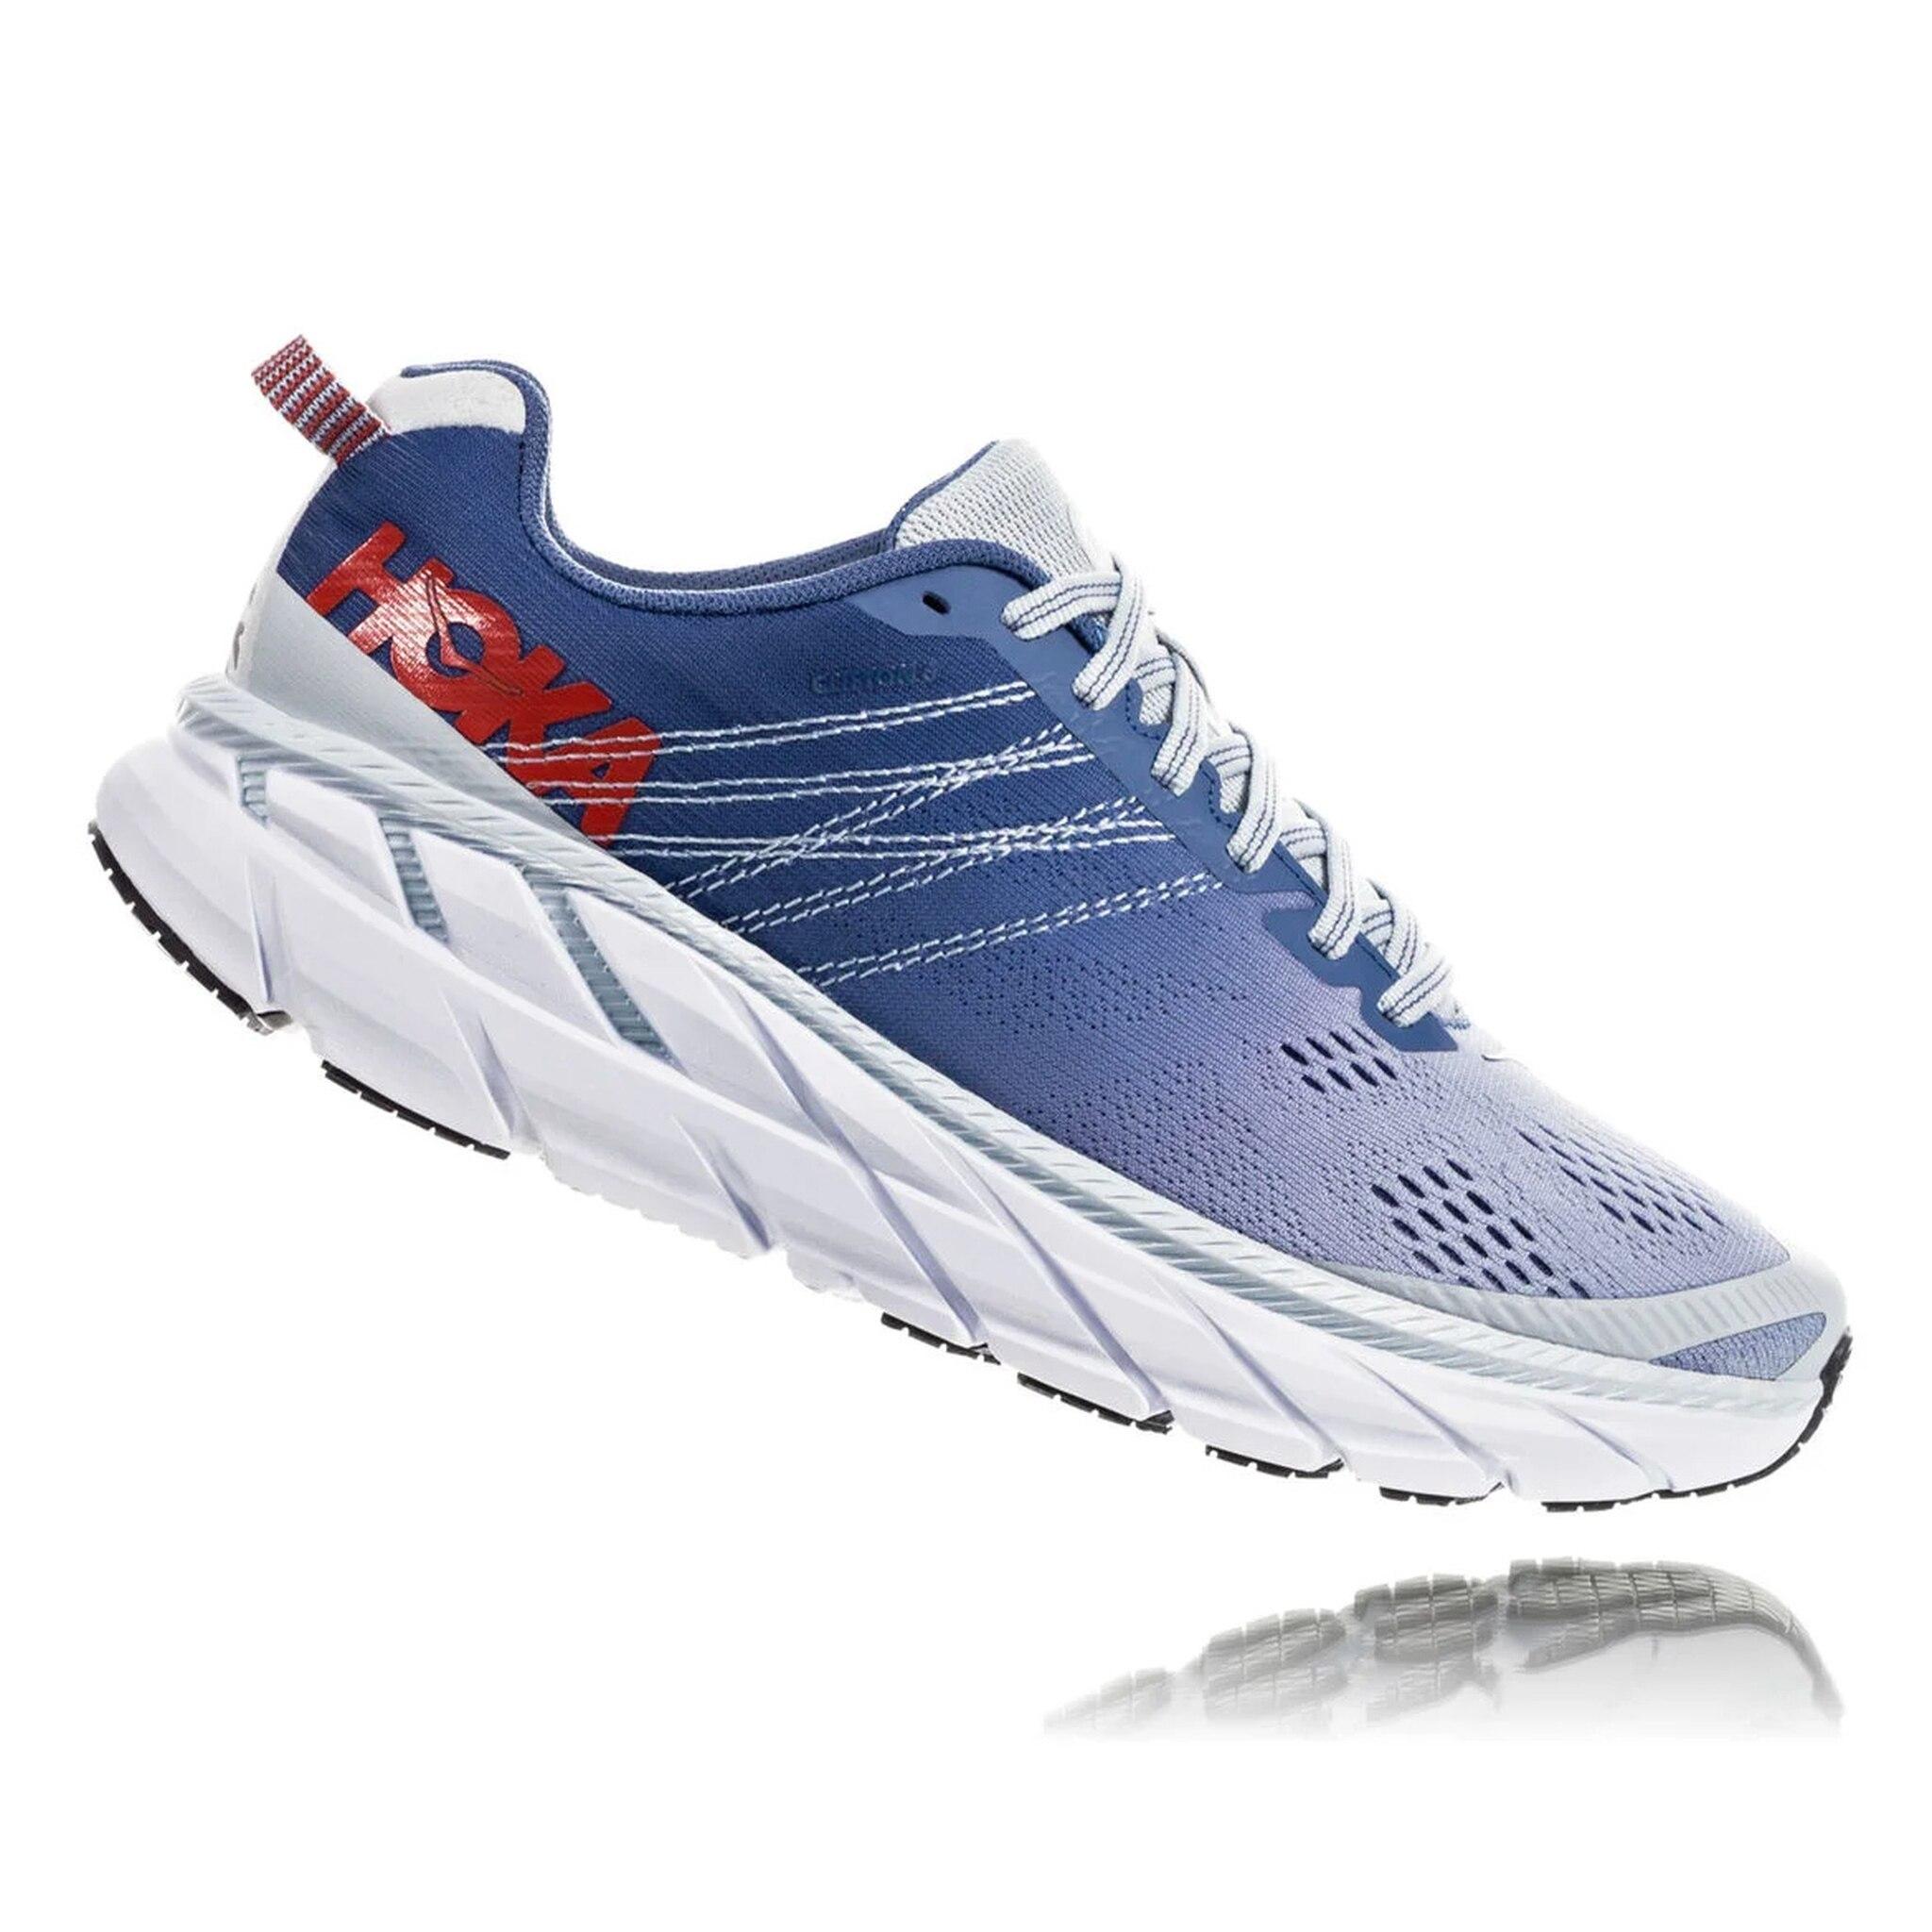 HOKA ONE ONE Clifton 6 | ShoeStores.com